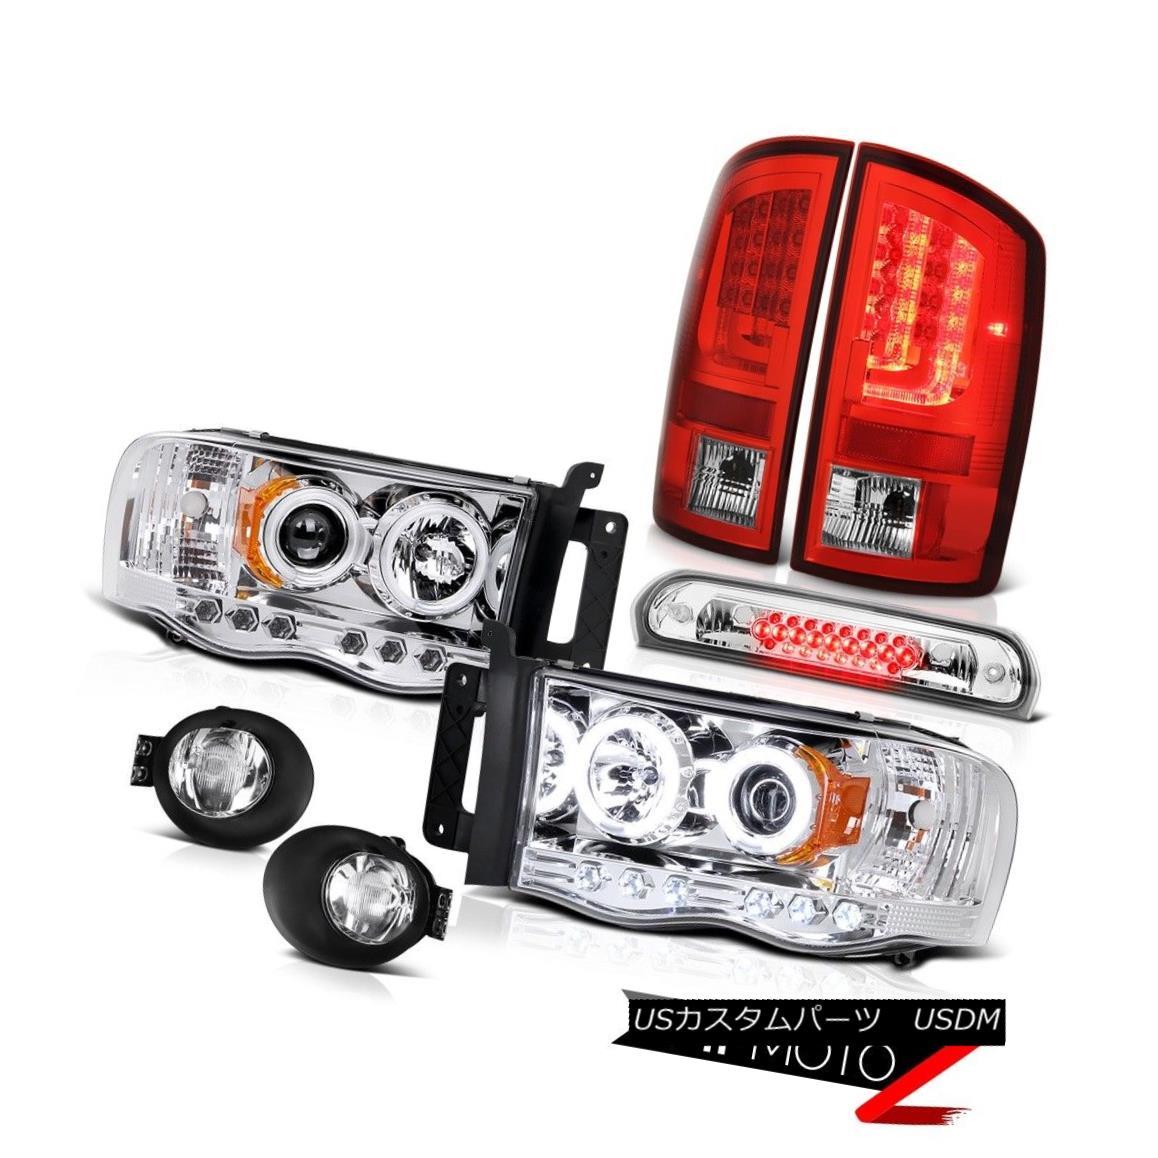 テールライト 02-05 Dodge Ram 2500 1500 3.7L Tail Lamps Foglamps Headlights Third Brake Light 02-05 Dodge Ram 2500 1500 3.7Lテールランプフォグランプヘッドライト第3ブレーキライト